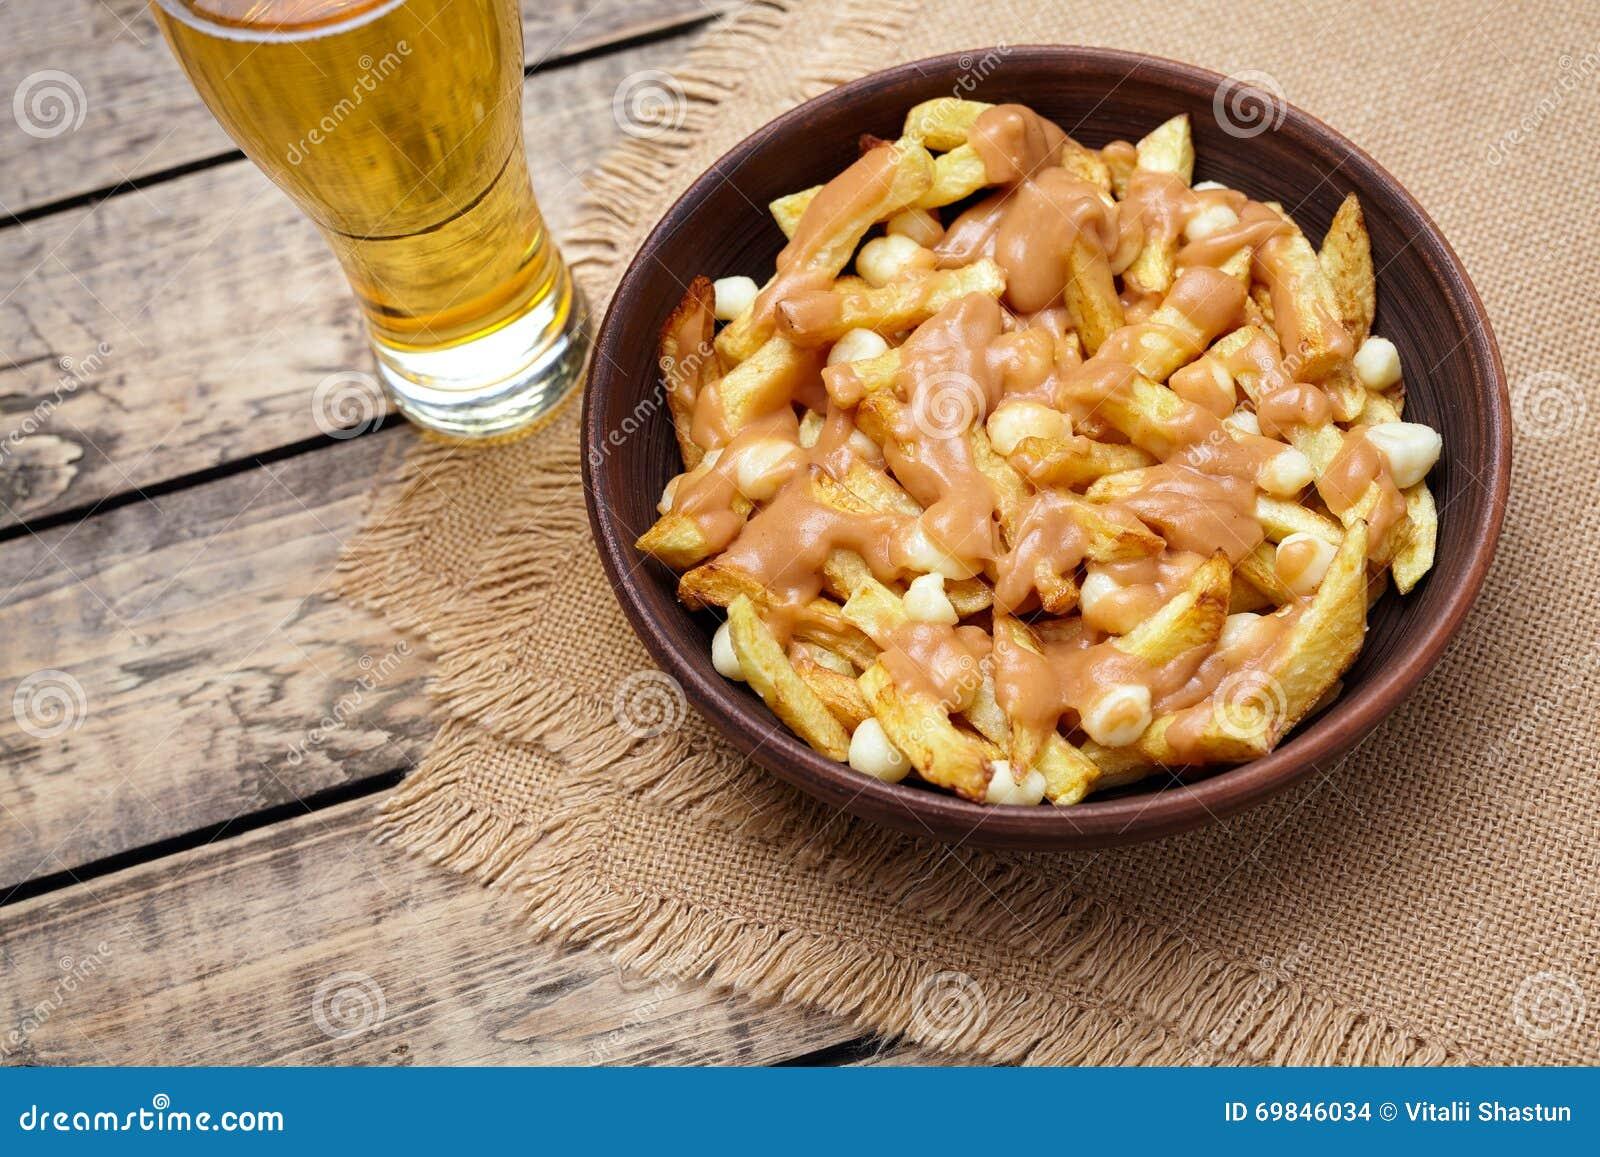 Poutine Kanadyjski posiłek z dłoniakami, curd serem, piwem i sosem,